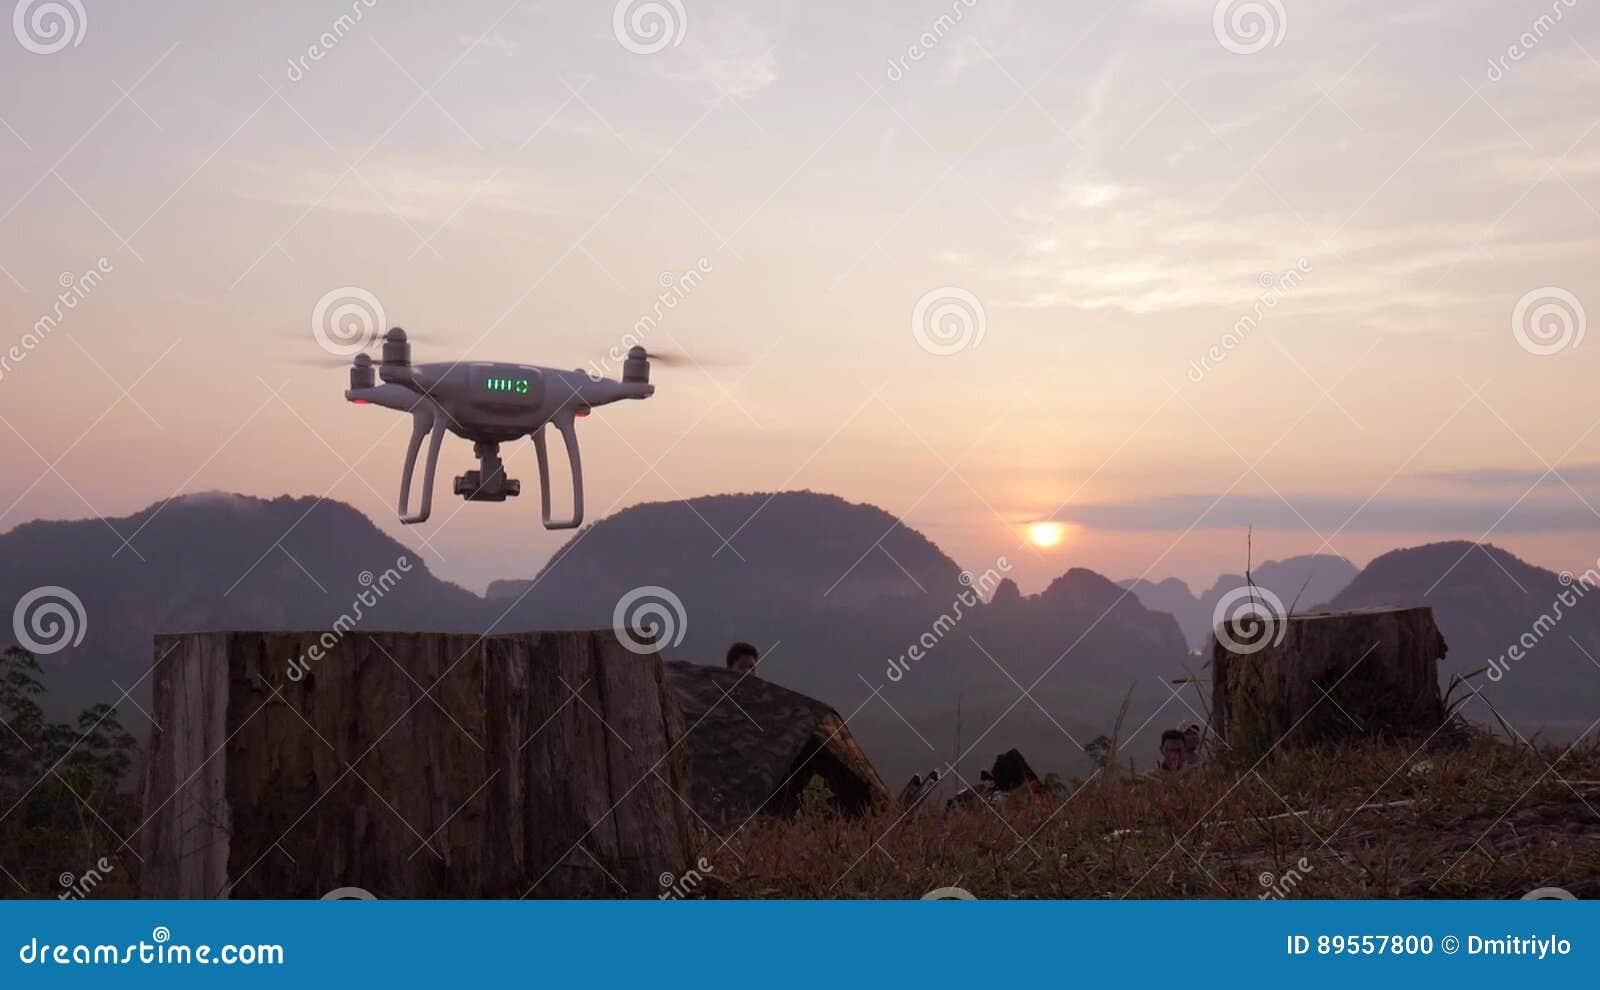 Quadcopter-Drohne, das im Park bei schönem Sonnenaufgang mit Bergen auf Hintergrund sich entfernt Phangnga, Thailand stock footage